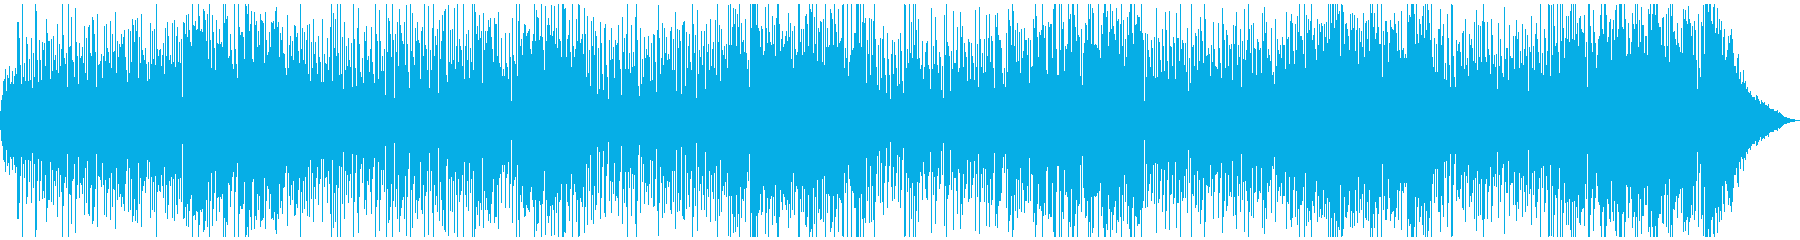 生演奏・フルートとストリングスのボサノバの再生済みの波形